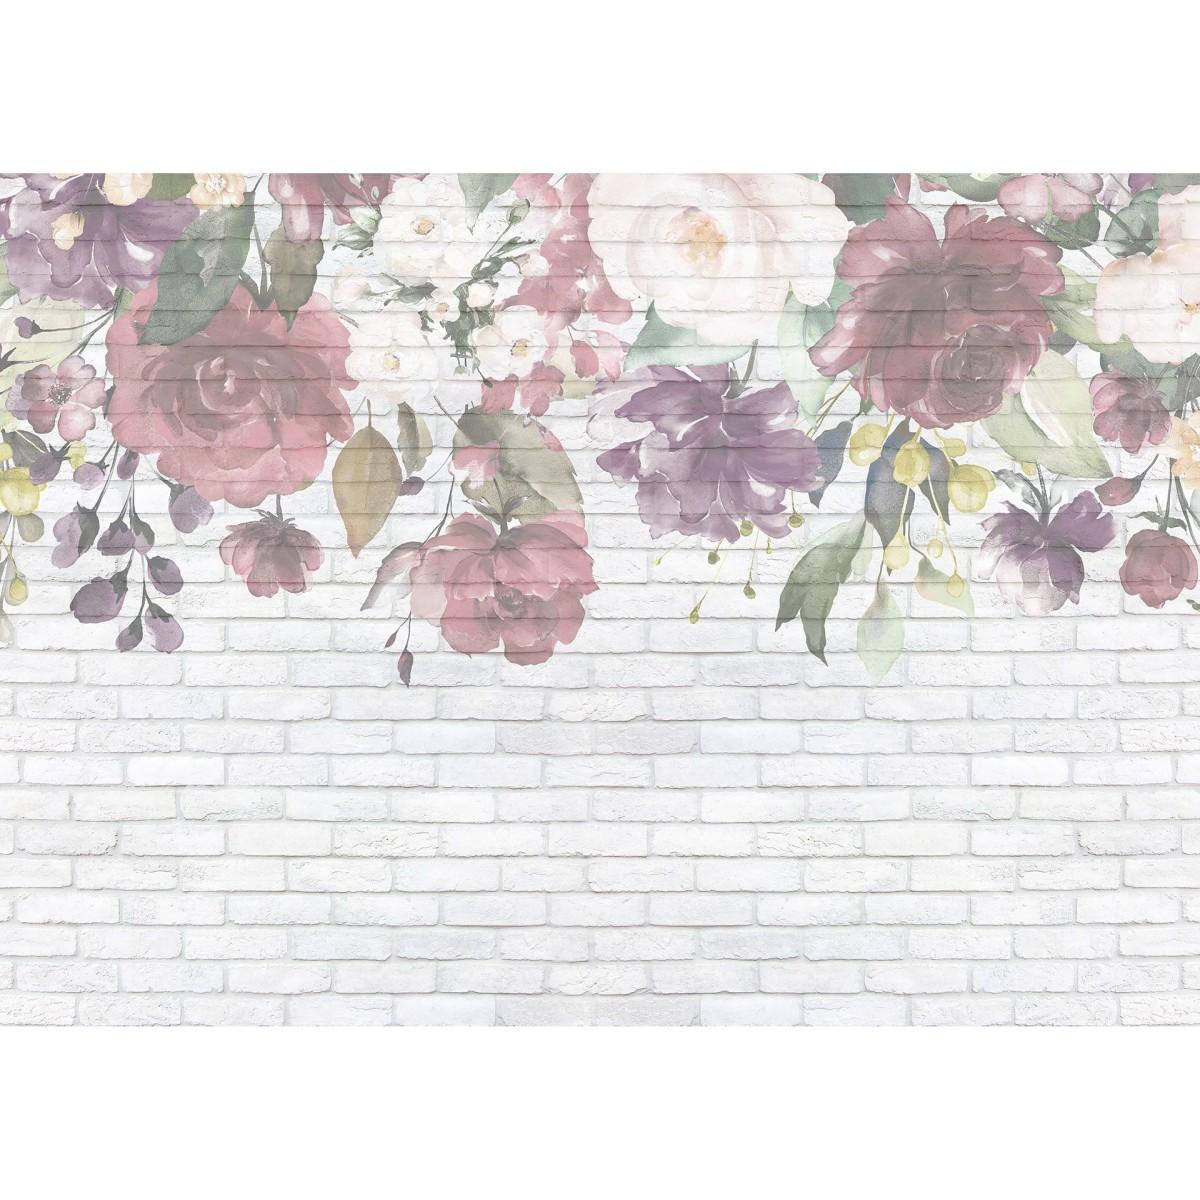 Фотообои МИР Кирпичная стена с цветами MIR-6052-V4 380х270 см